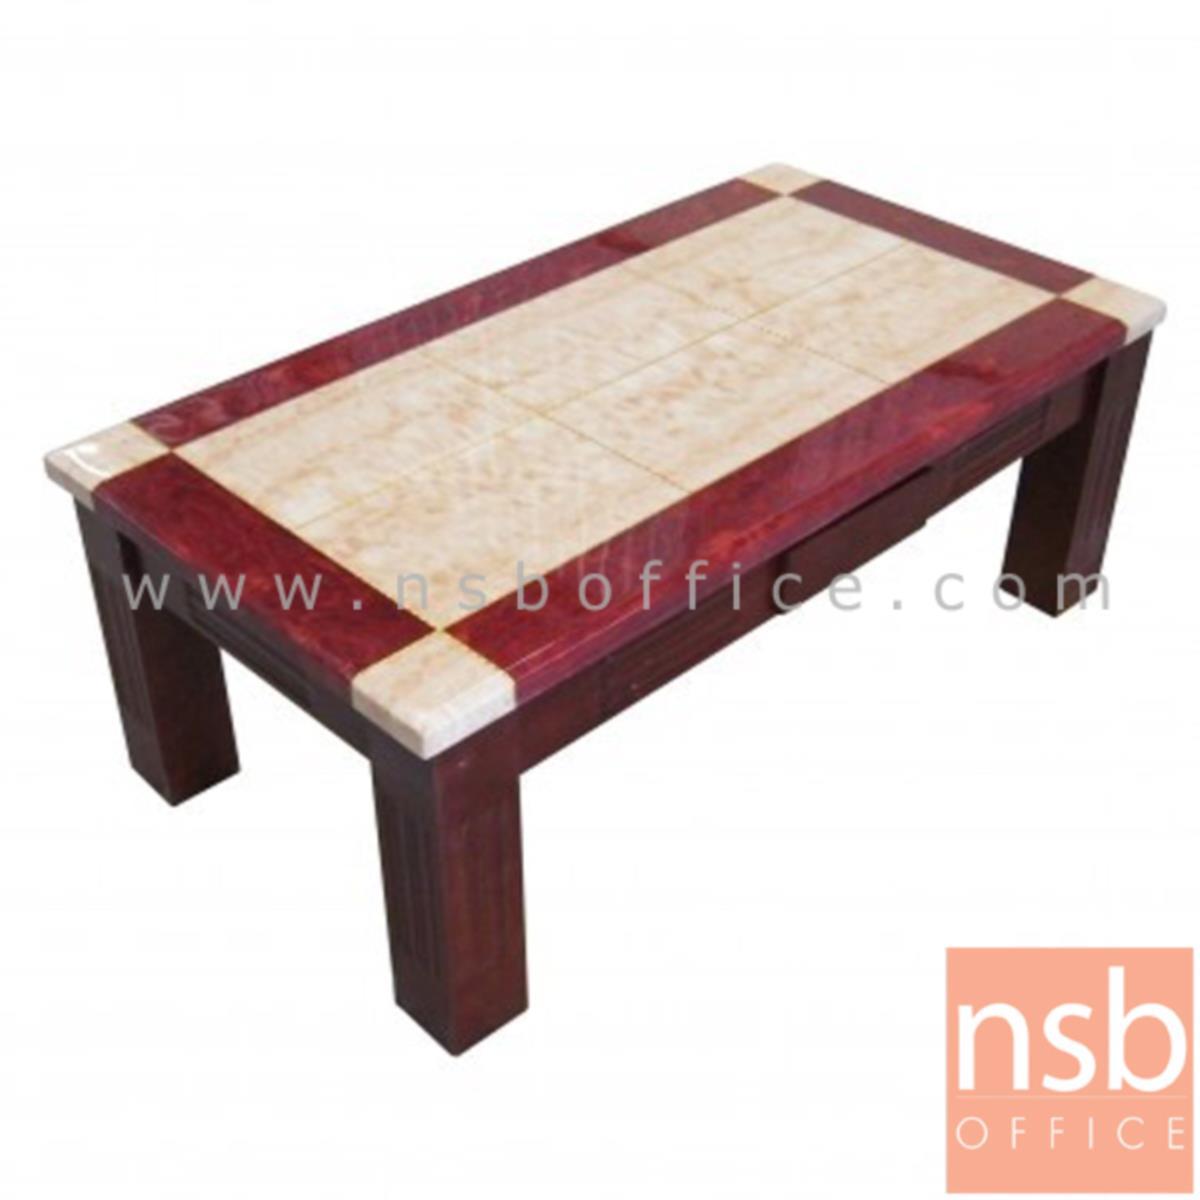 โต๊ะกลางหินอ่อน  รุ่น MSTL-920 ขนาด 120W cm. ขาไม้